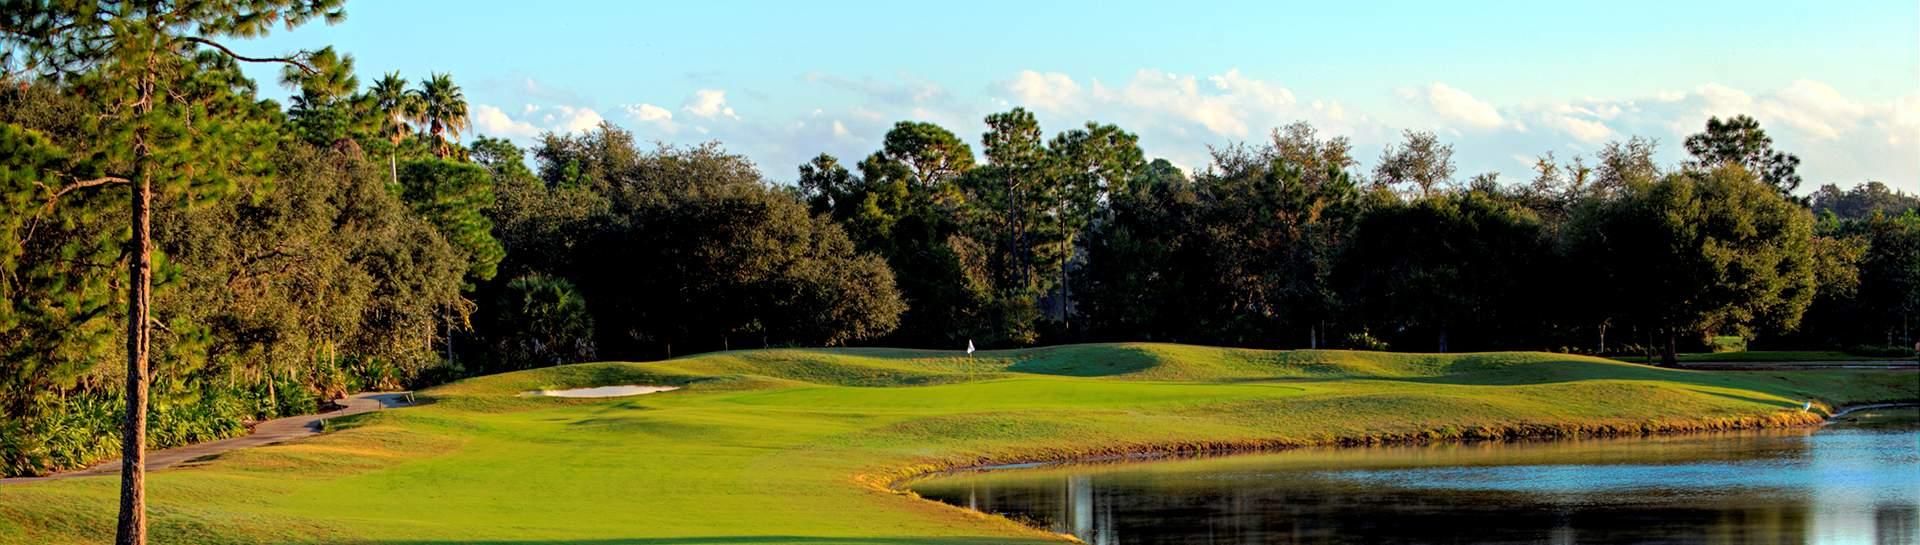 Daytona Beach Golf Courses - Cypress Head Golf Club - Port